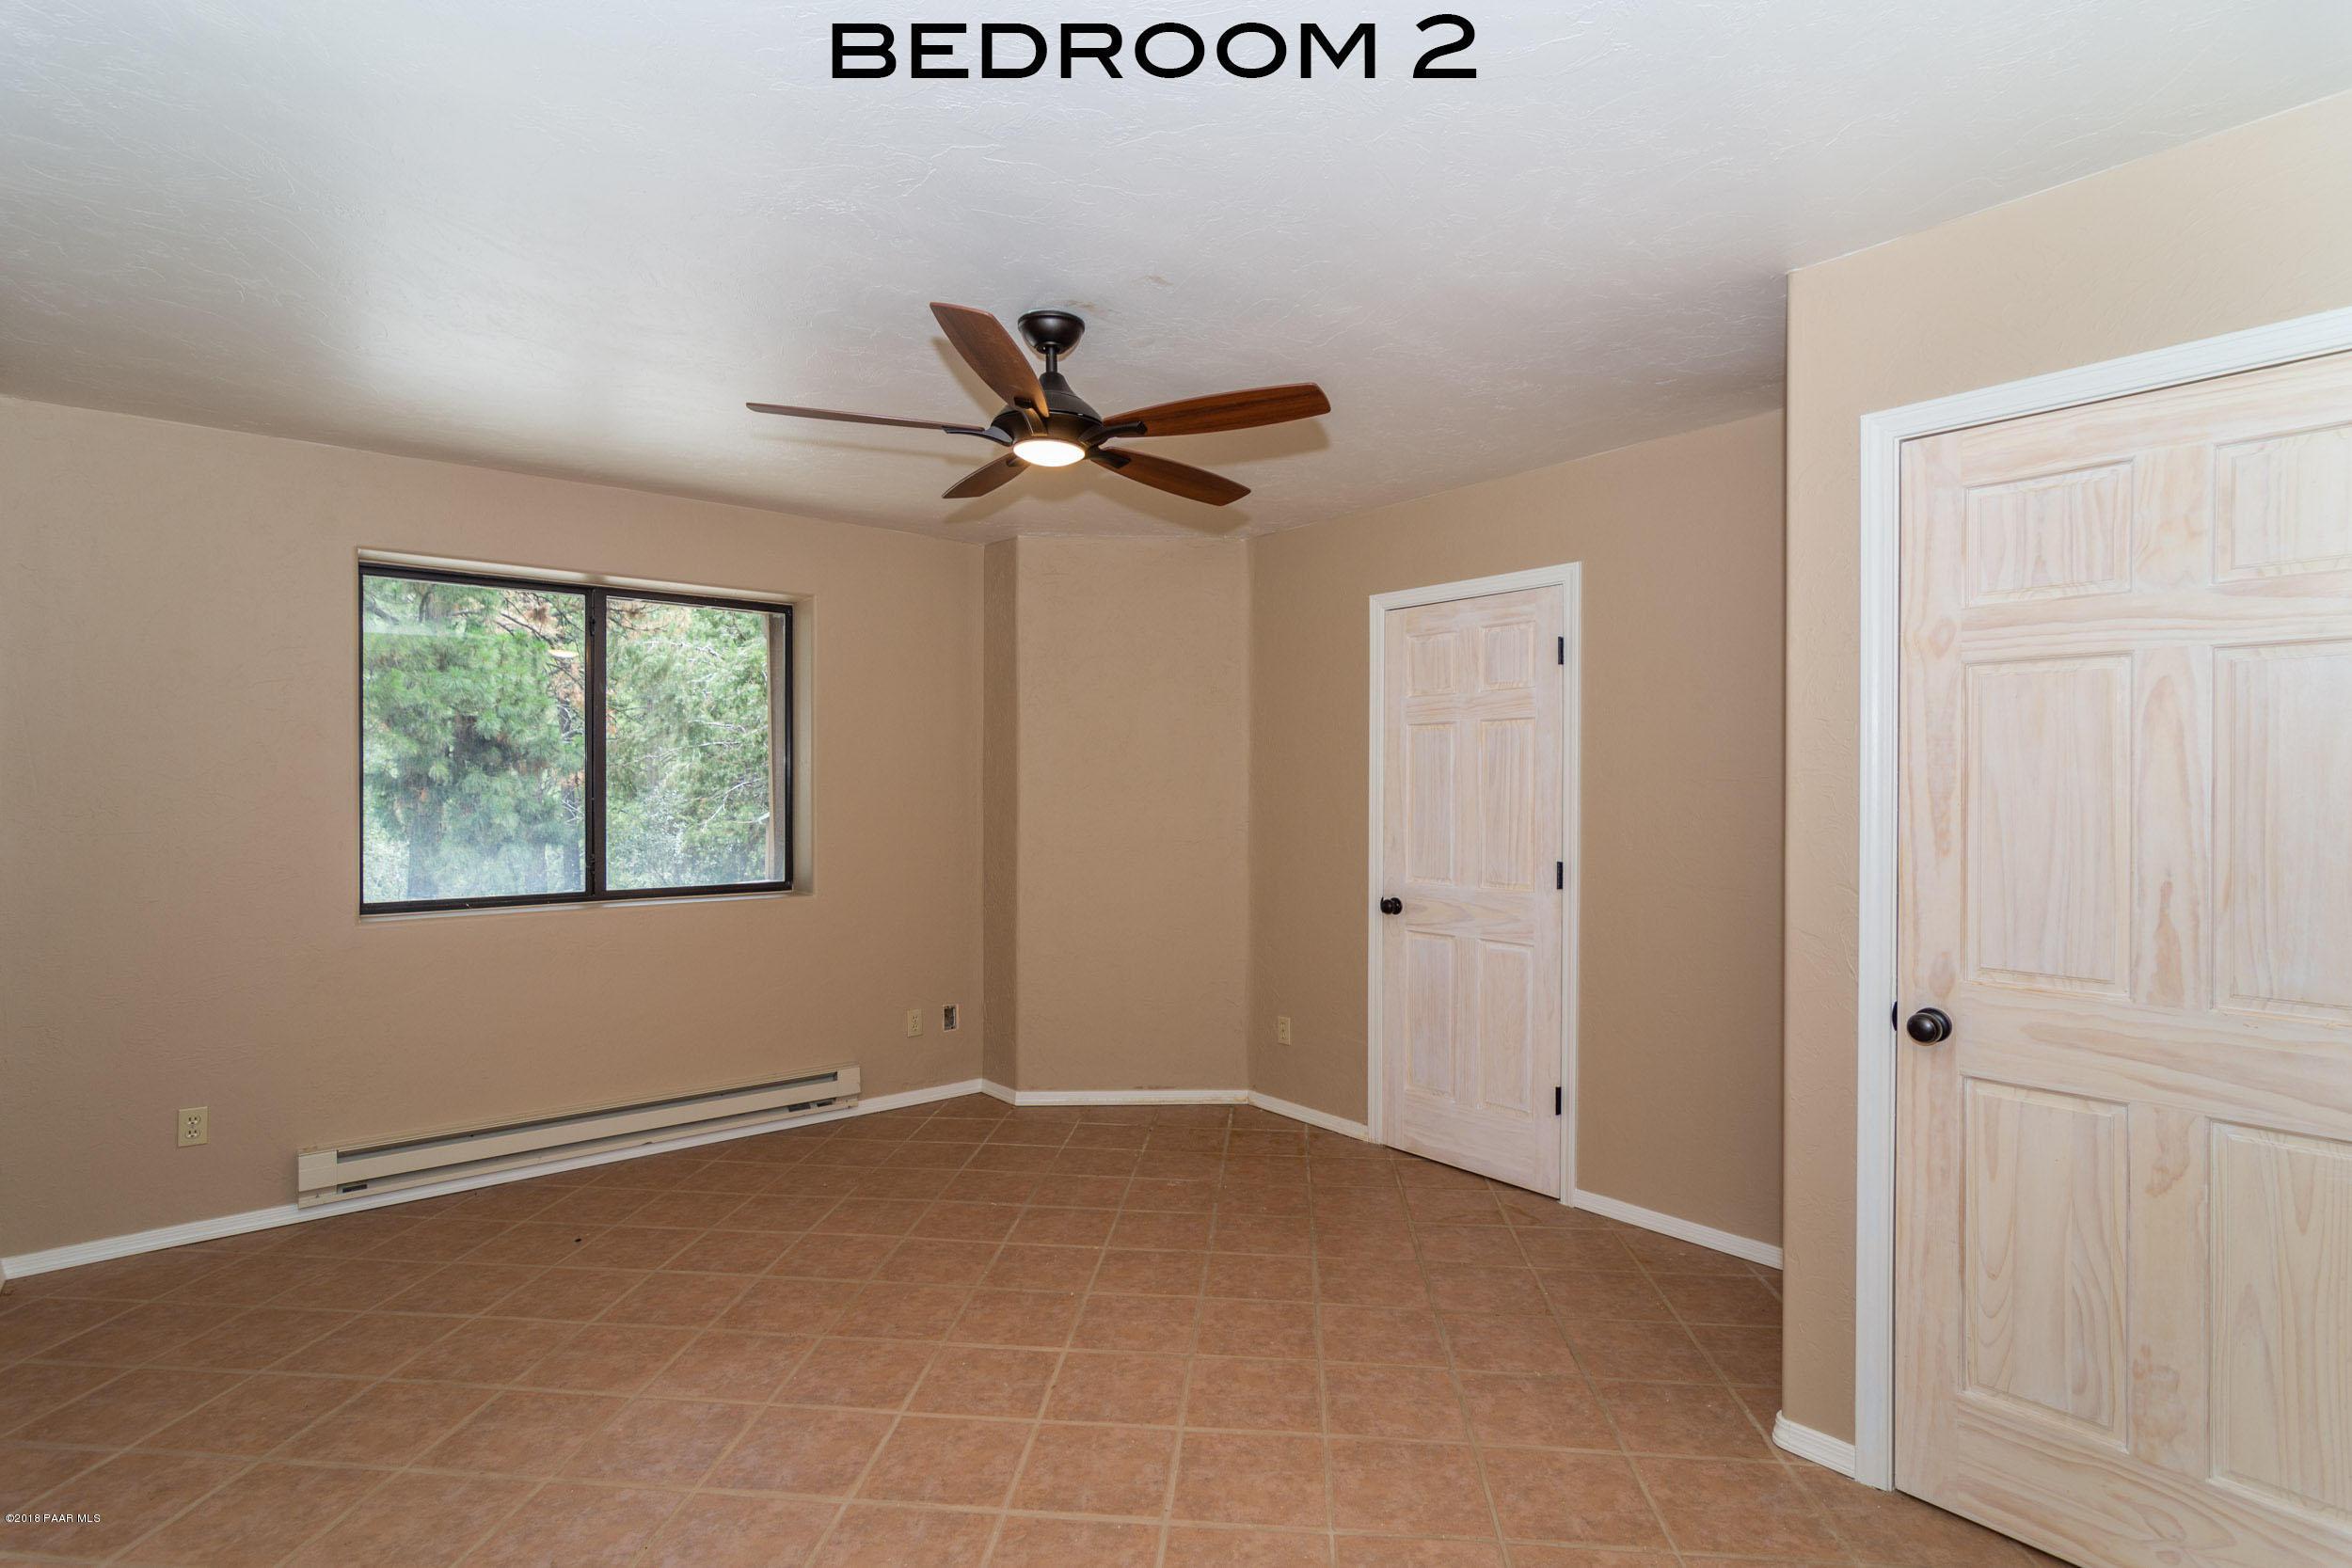 2600 Preddy Lane Prescott, AZ 86303 - MLS #: 1015356